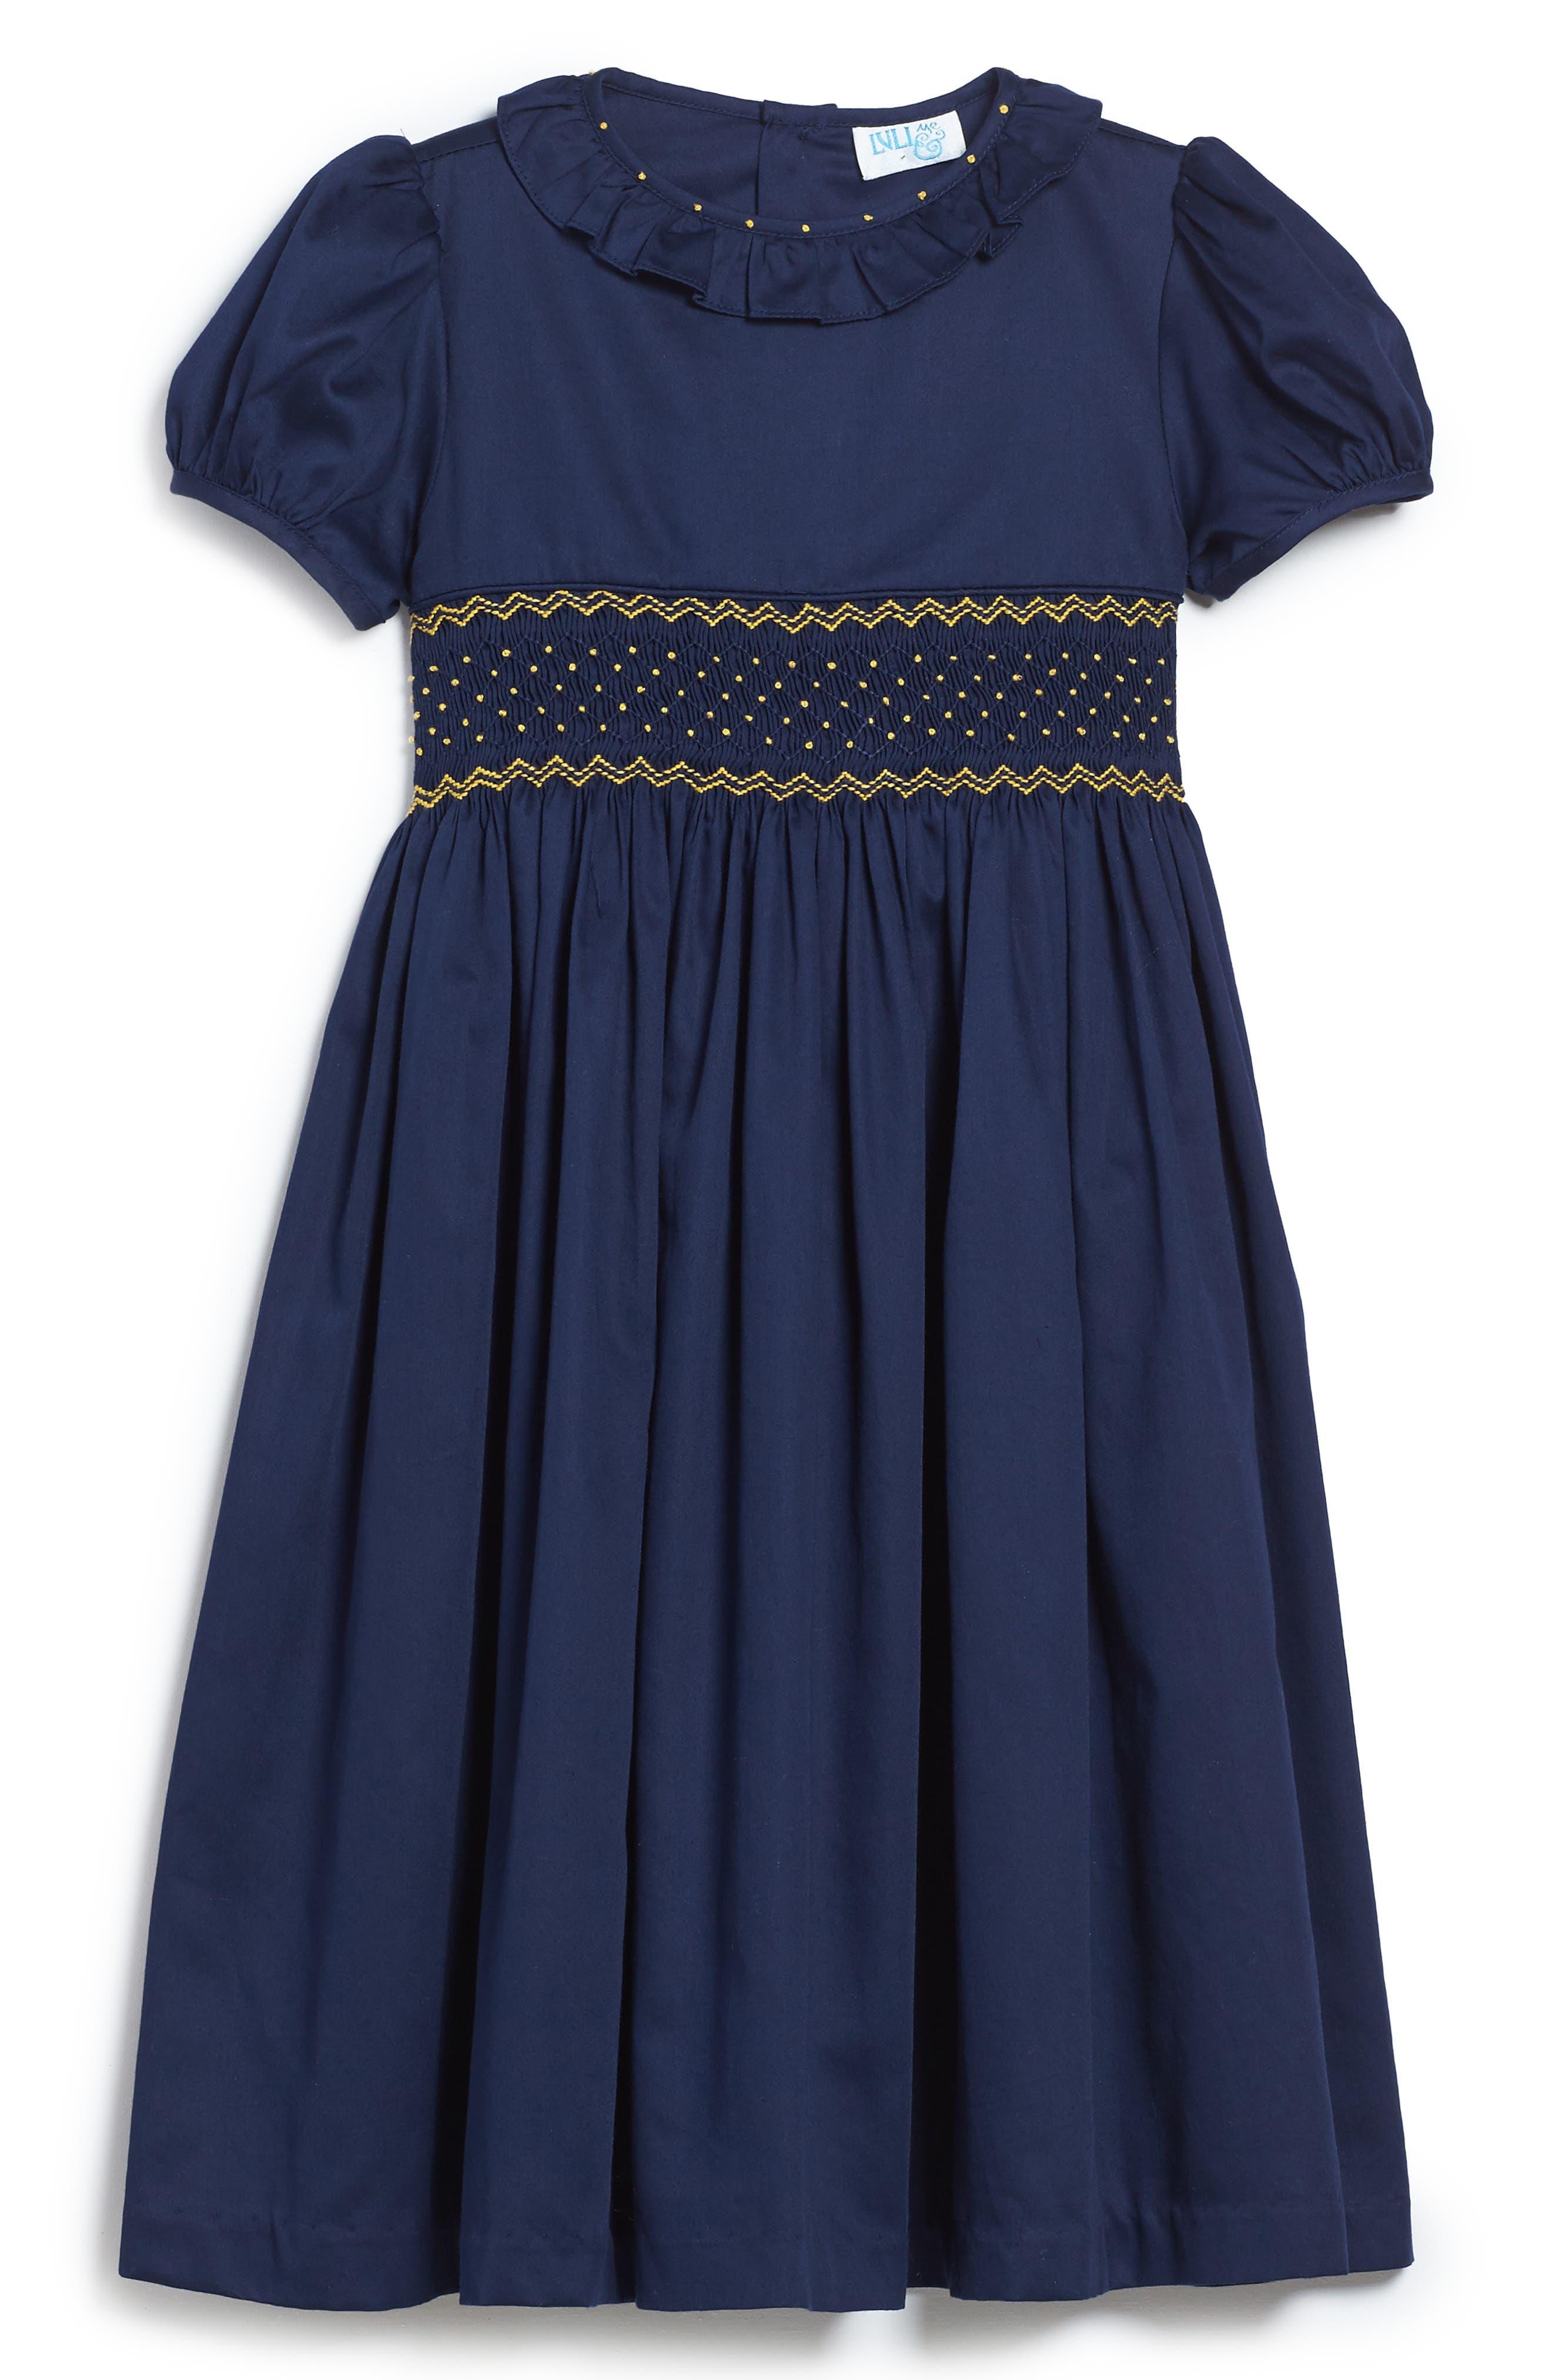 Smocked Dress,                             Main thumbnail 1, color,                             Navy/ Gold